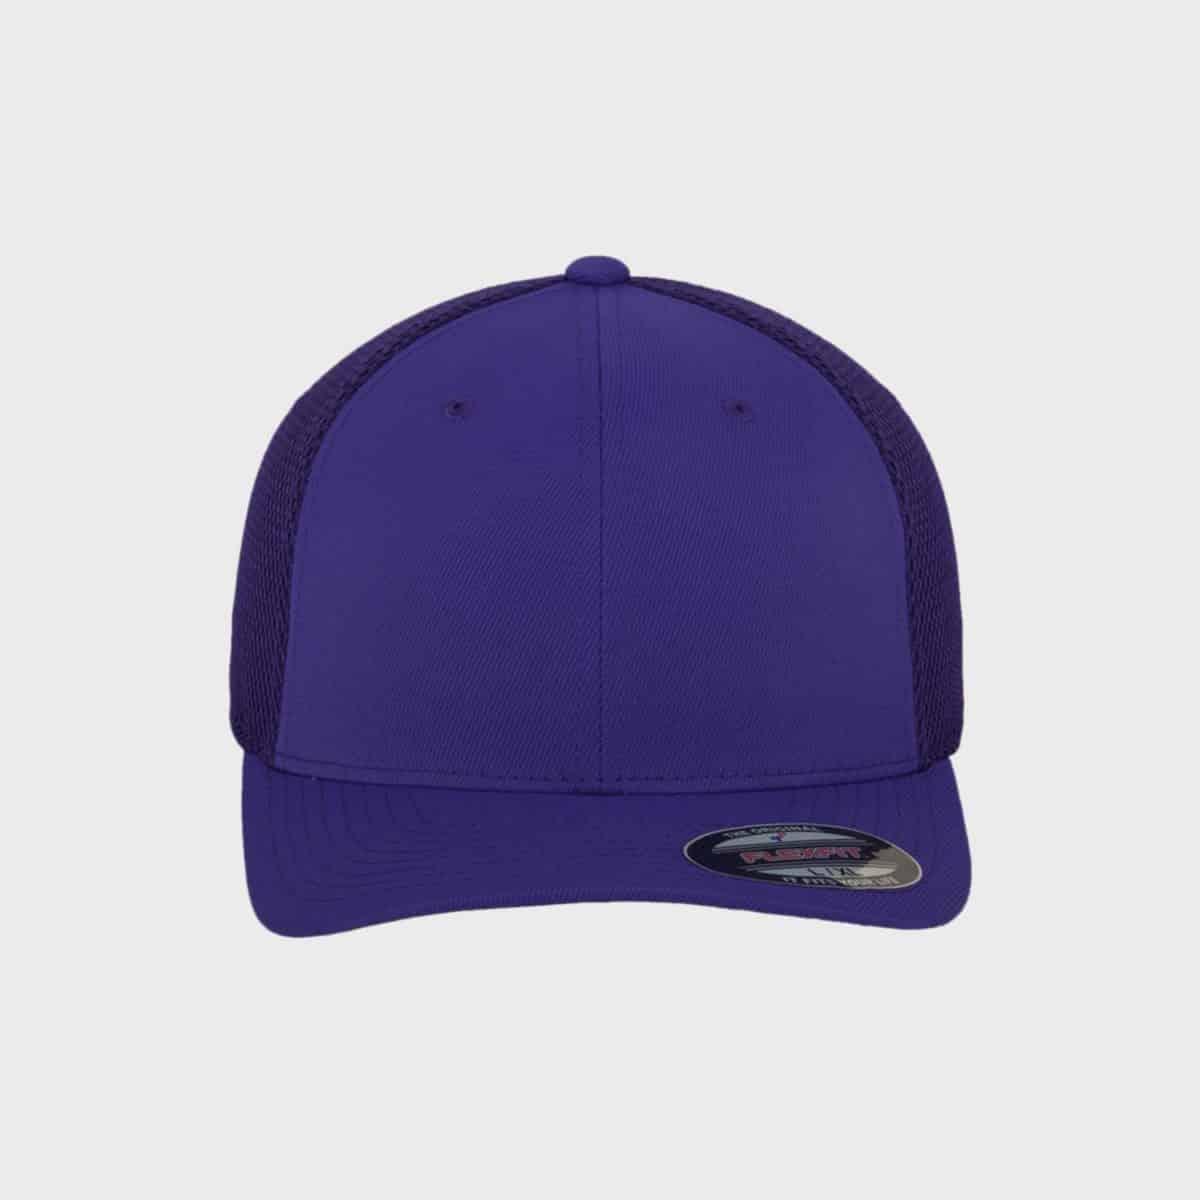 Flexfit FlexfitCaps FFE 6533 Purple Front